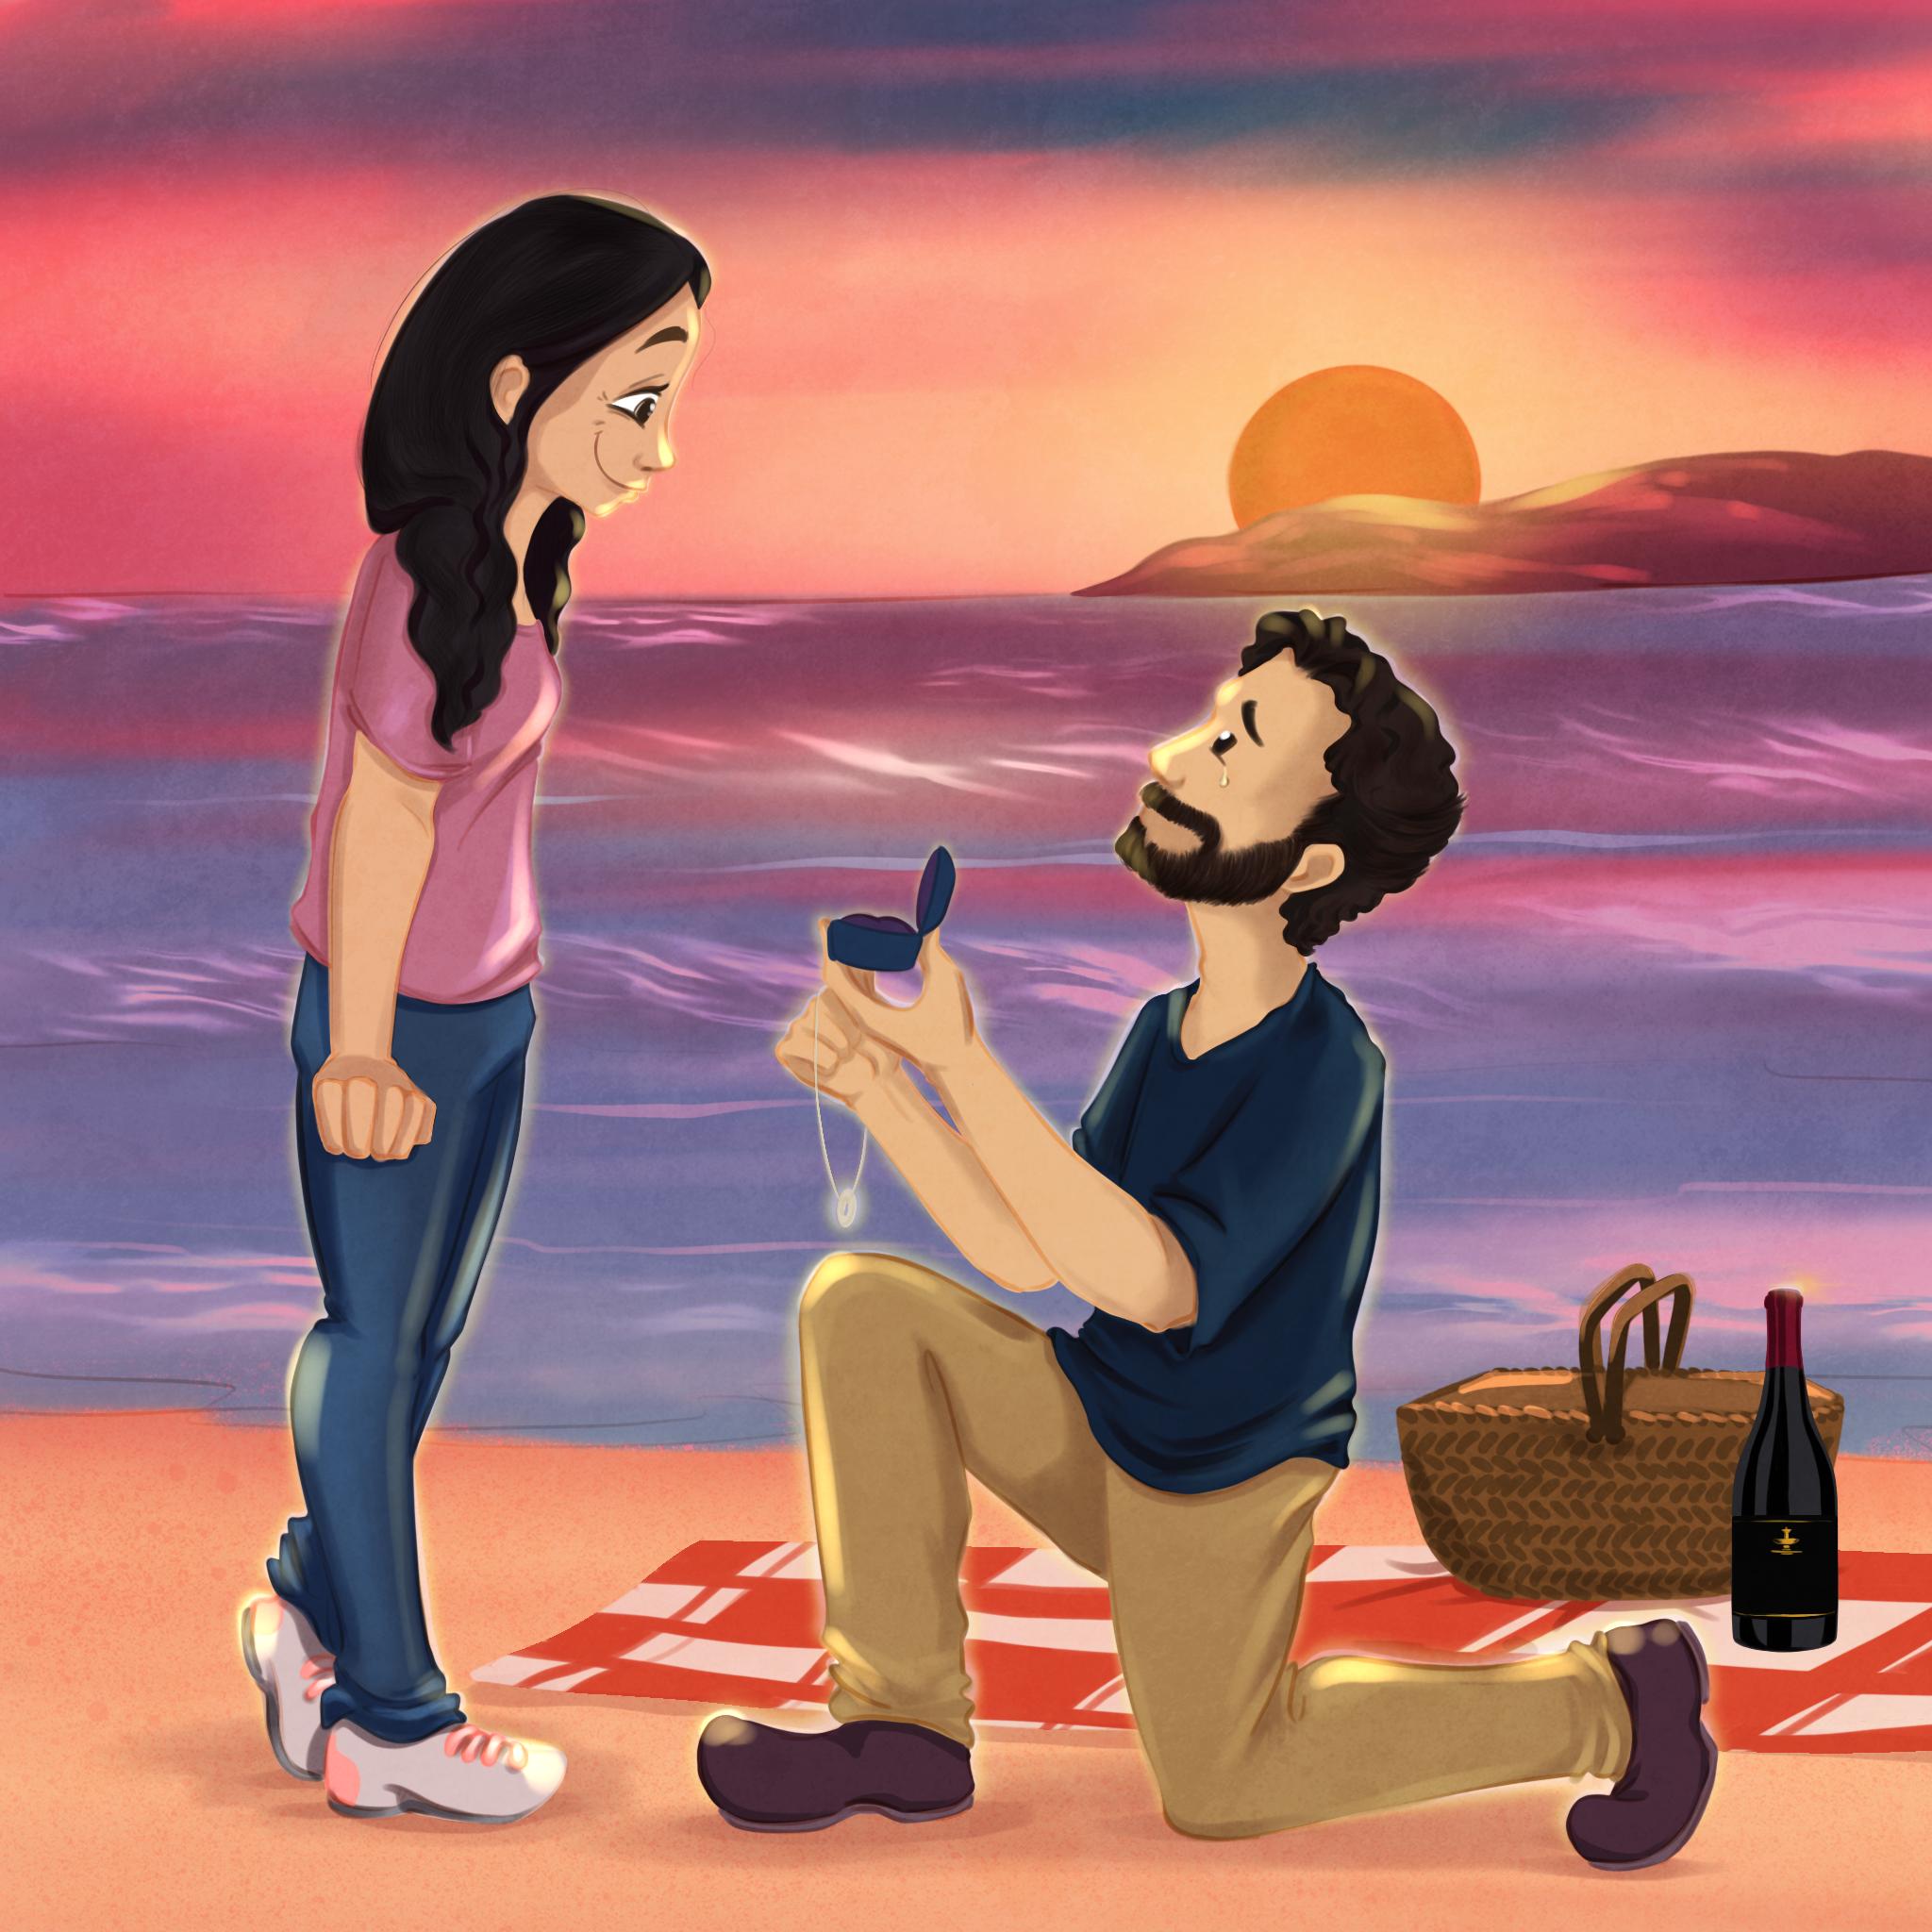 The Destination Proposal